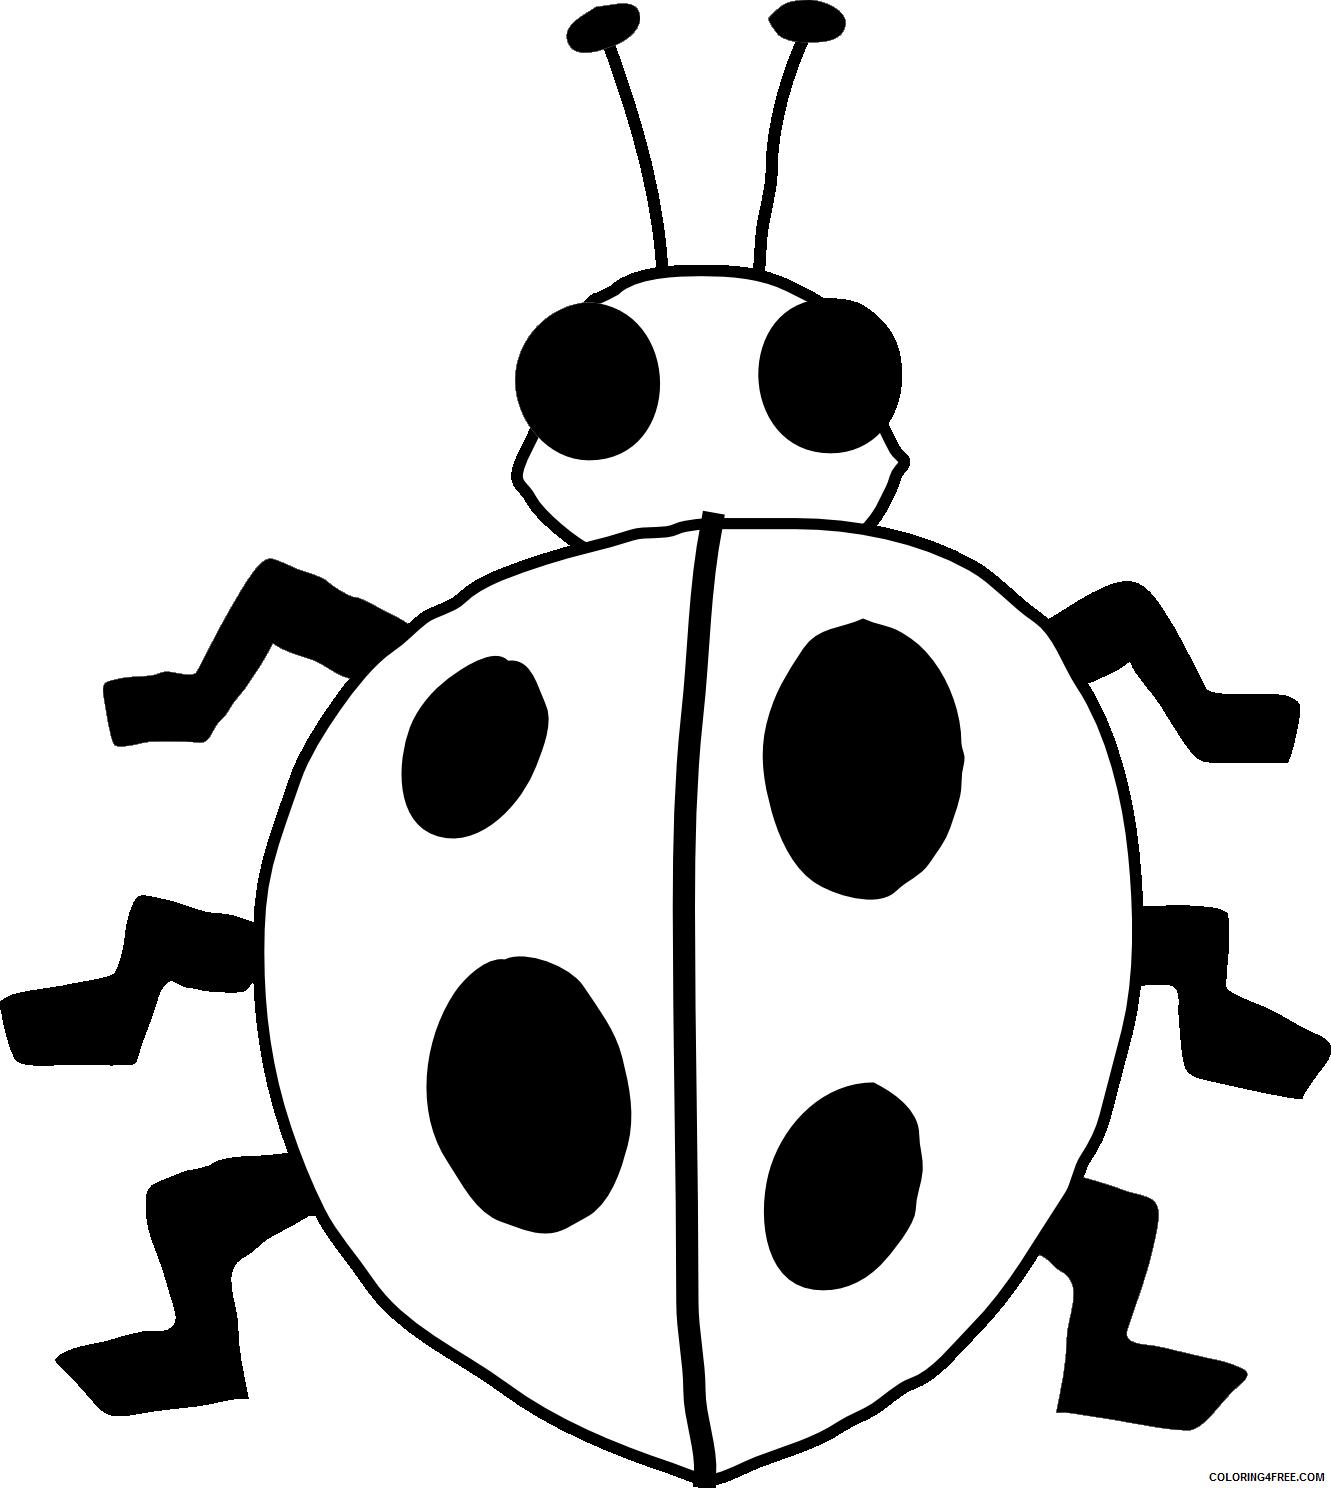 Ladybug Coloring Pages Animal Printable Sheets Ladybug 2021 3091 Coloring4free